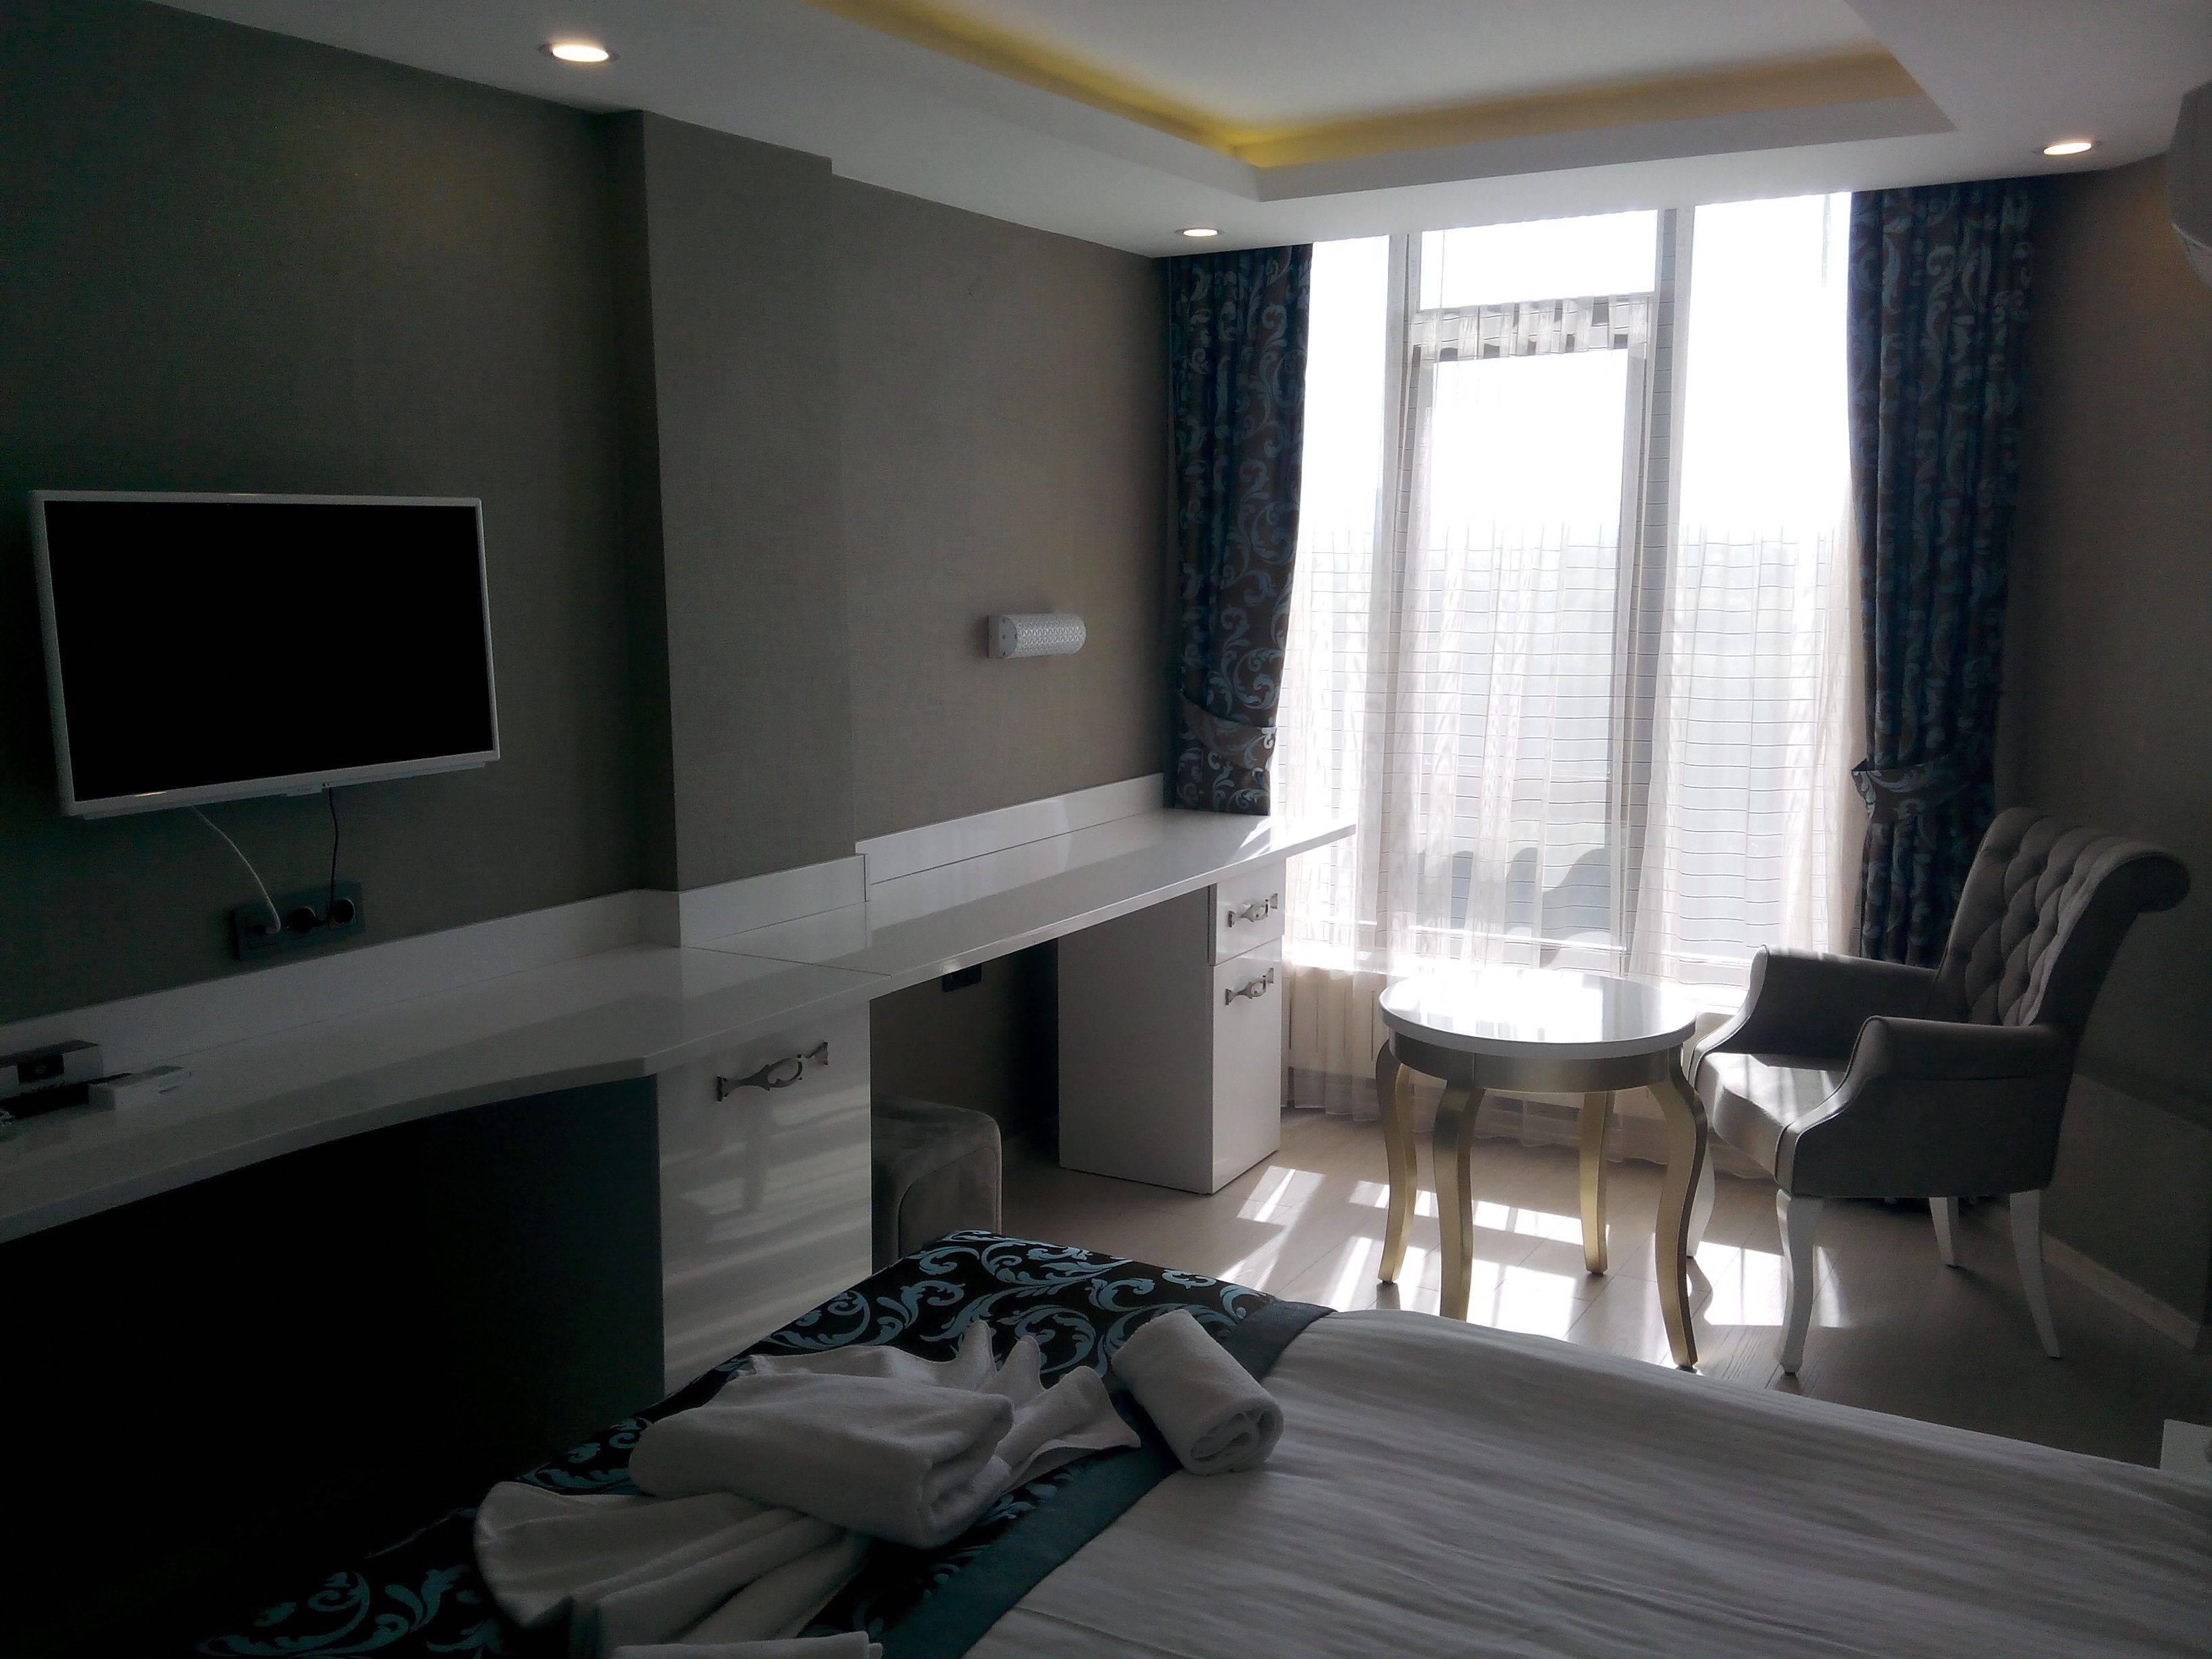 Beyaz Saray Otel, Kırıkkale, Kırıkkale Merkez, 24452